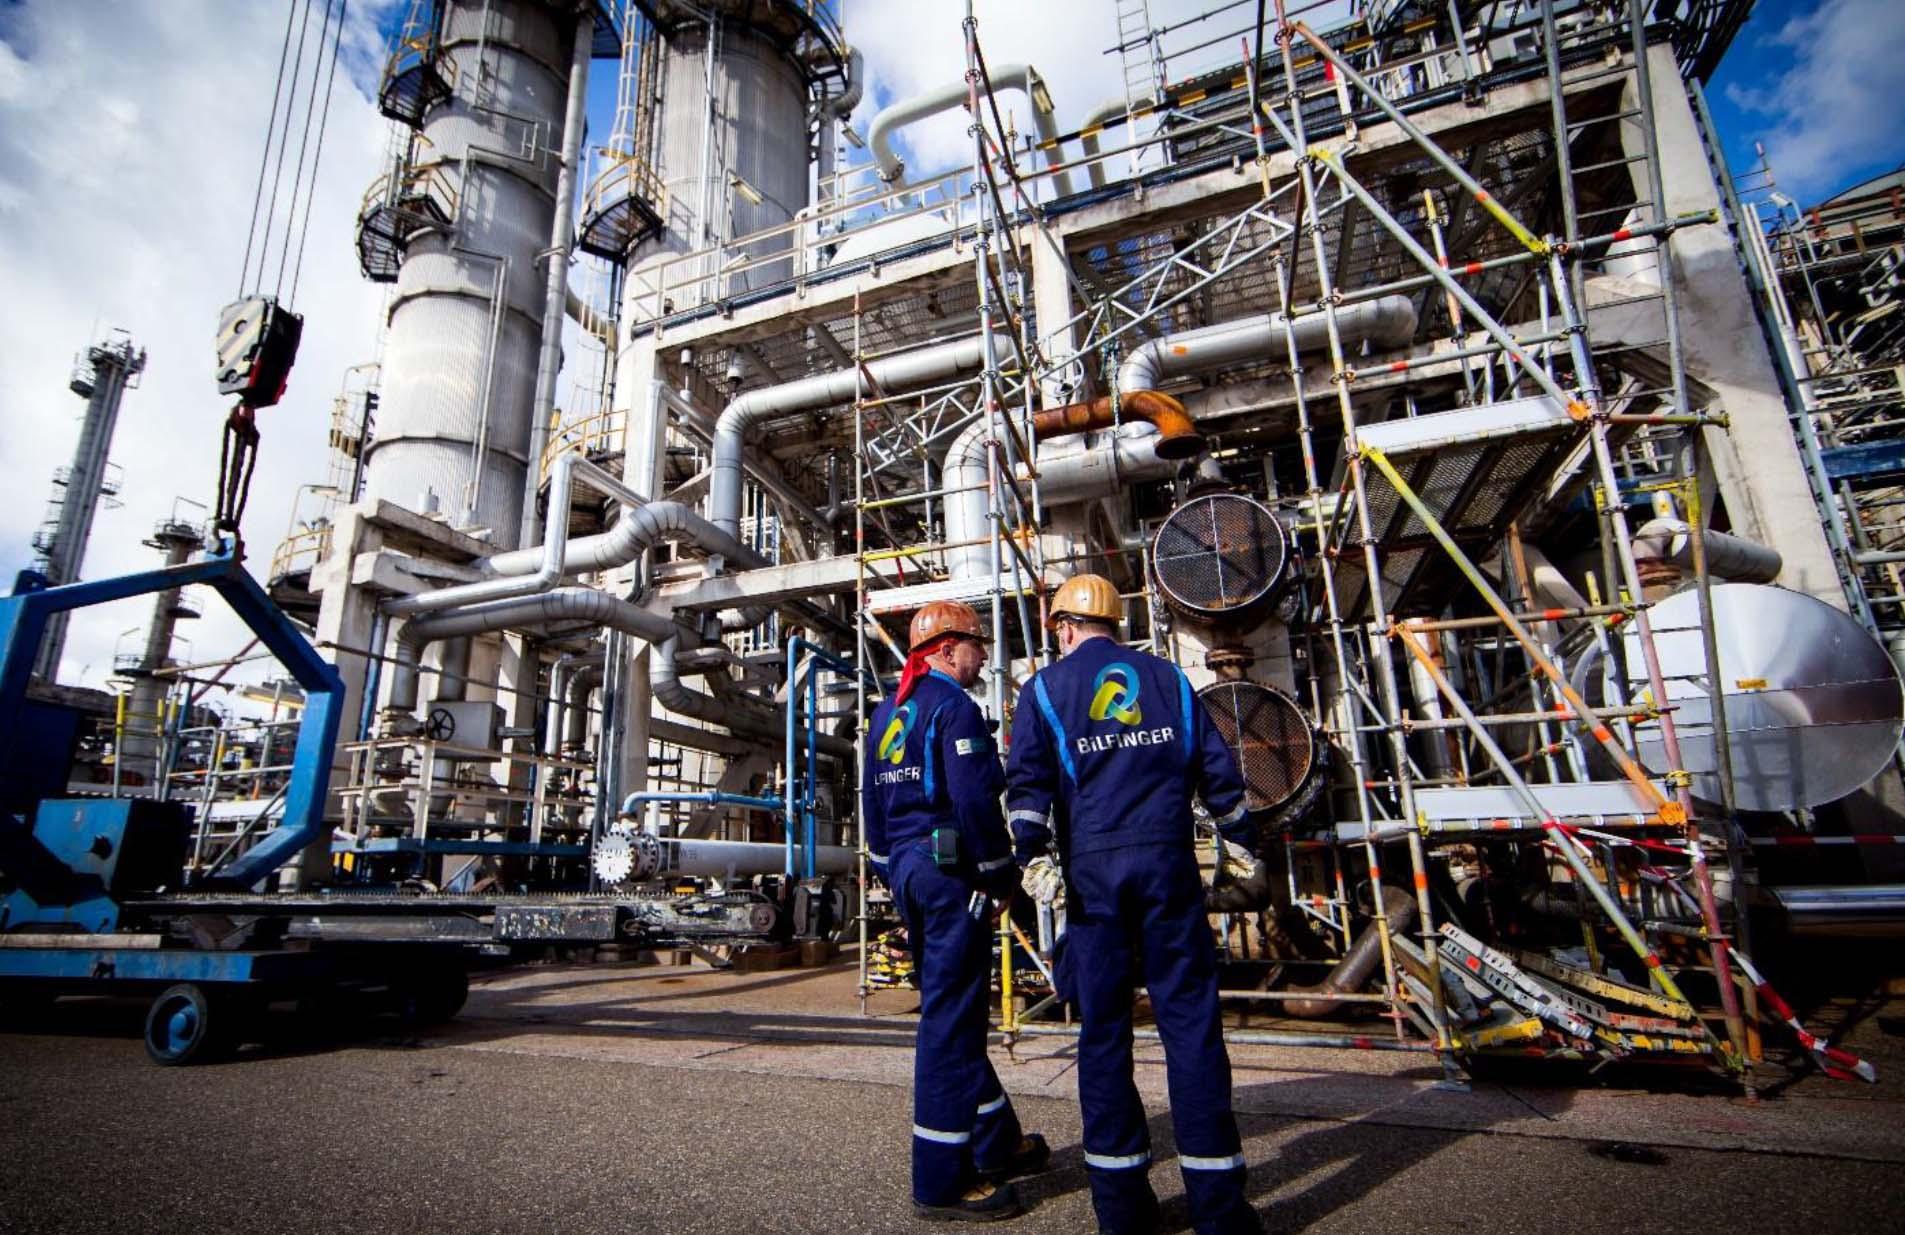 soluciones de ciberseguridad scada sistemas de control industrial